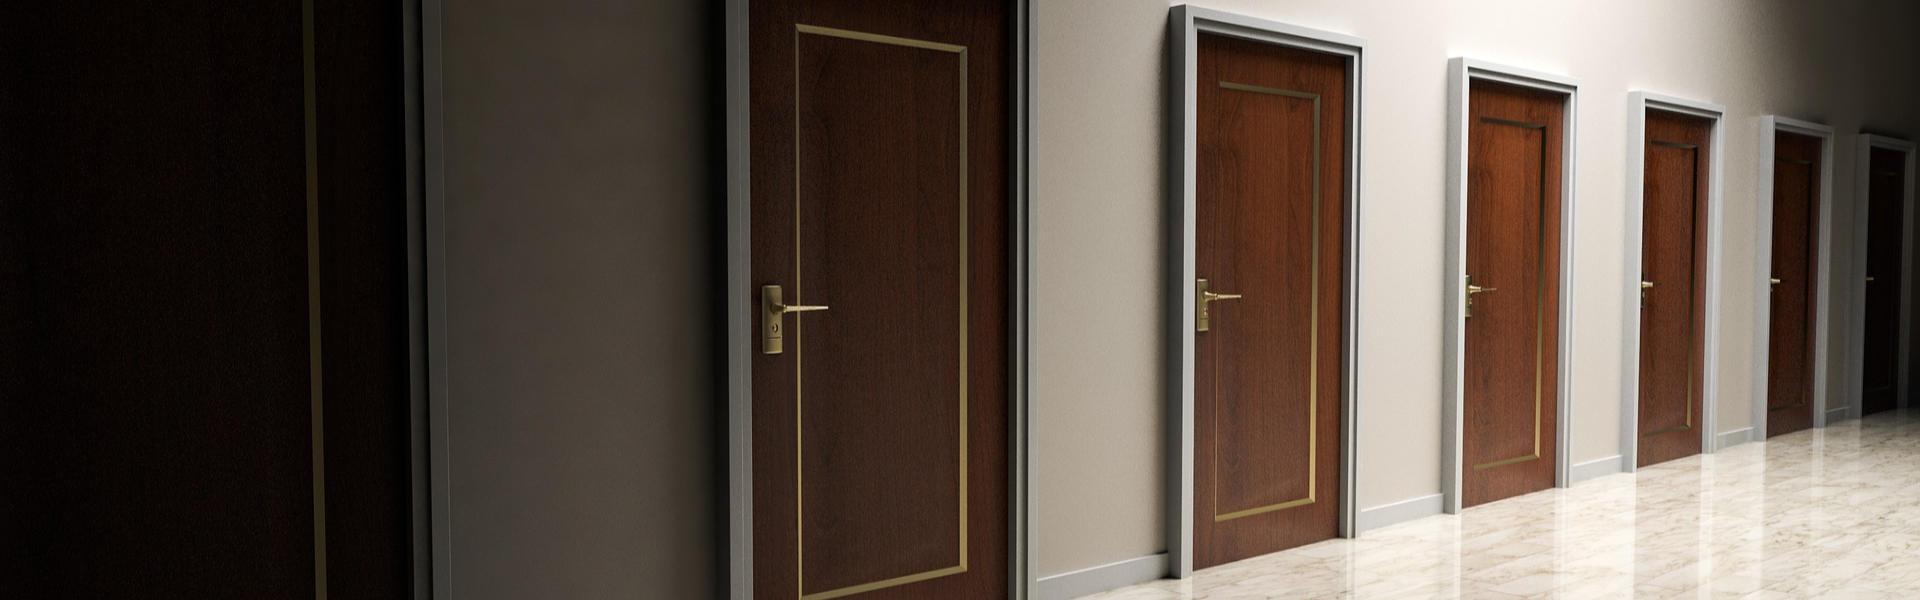 6 geschlossene Türen zum Unterbewusstsein. Hypnose öffnet den Weg ins Innere